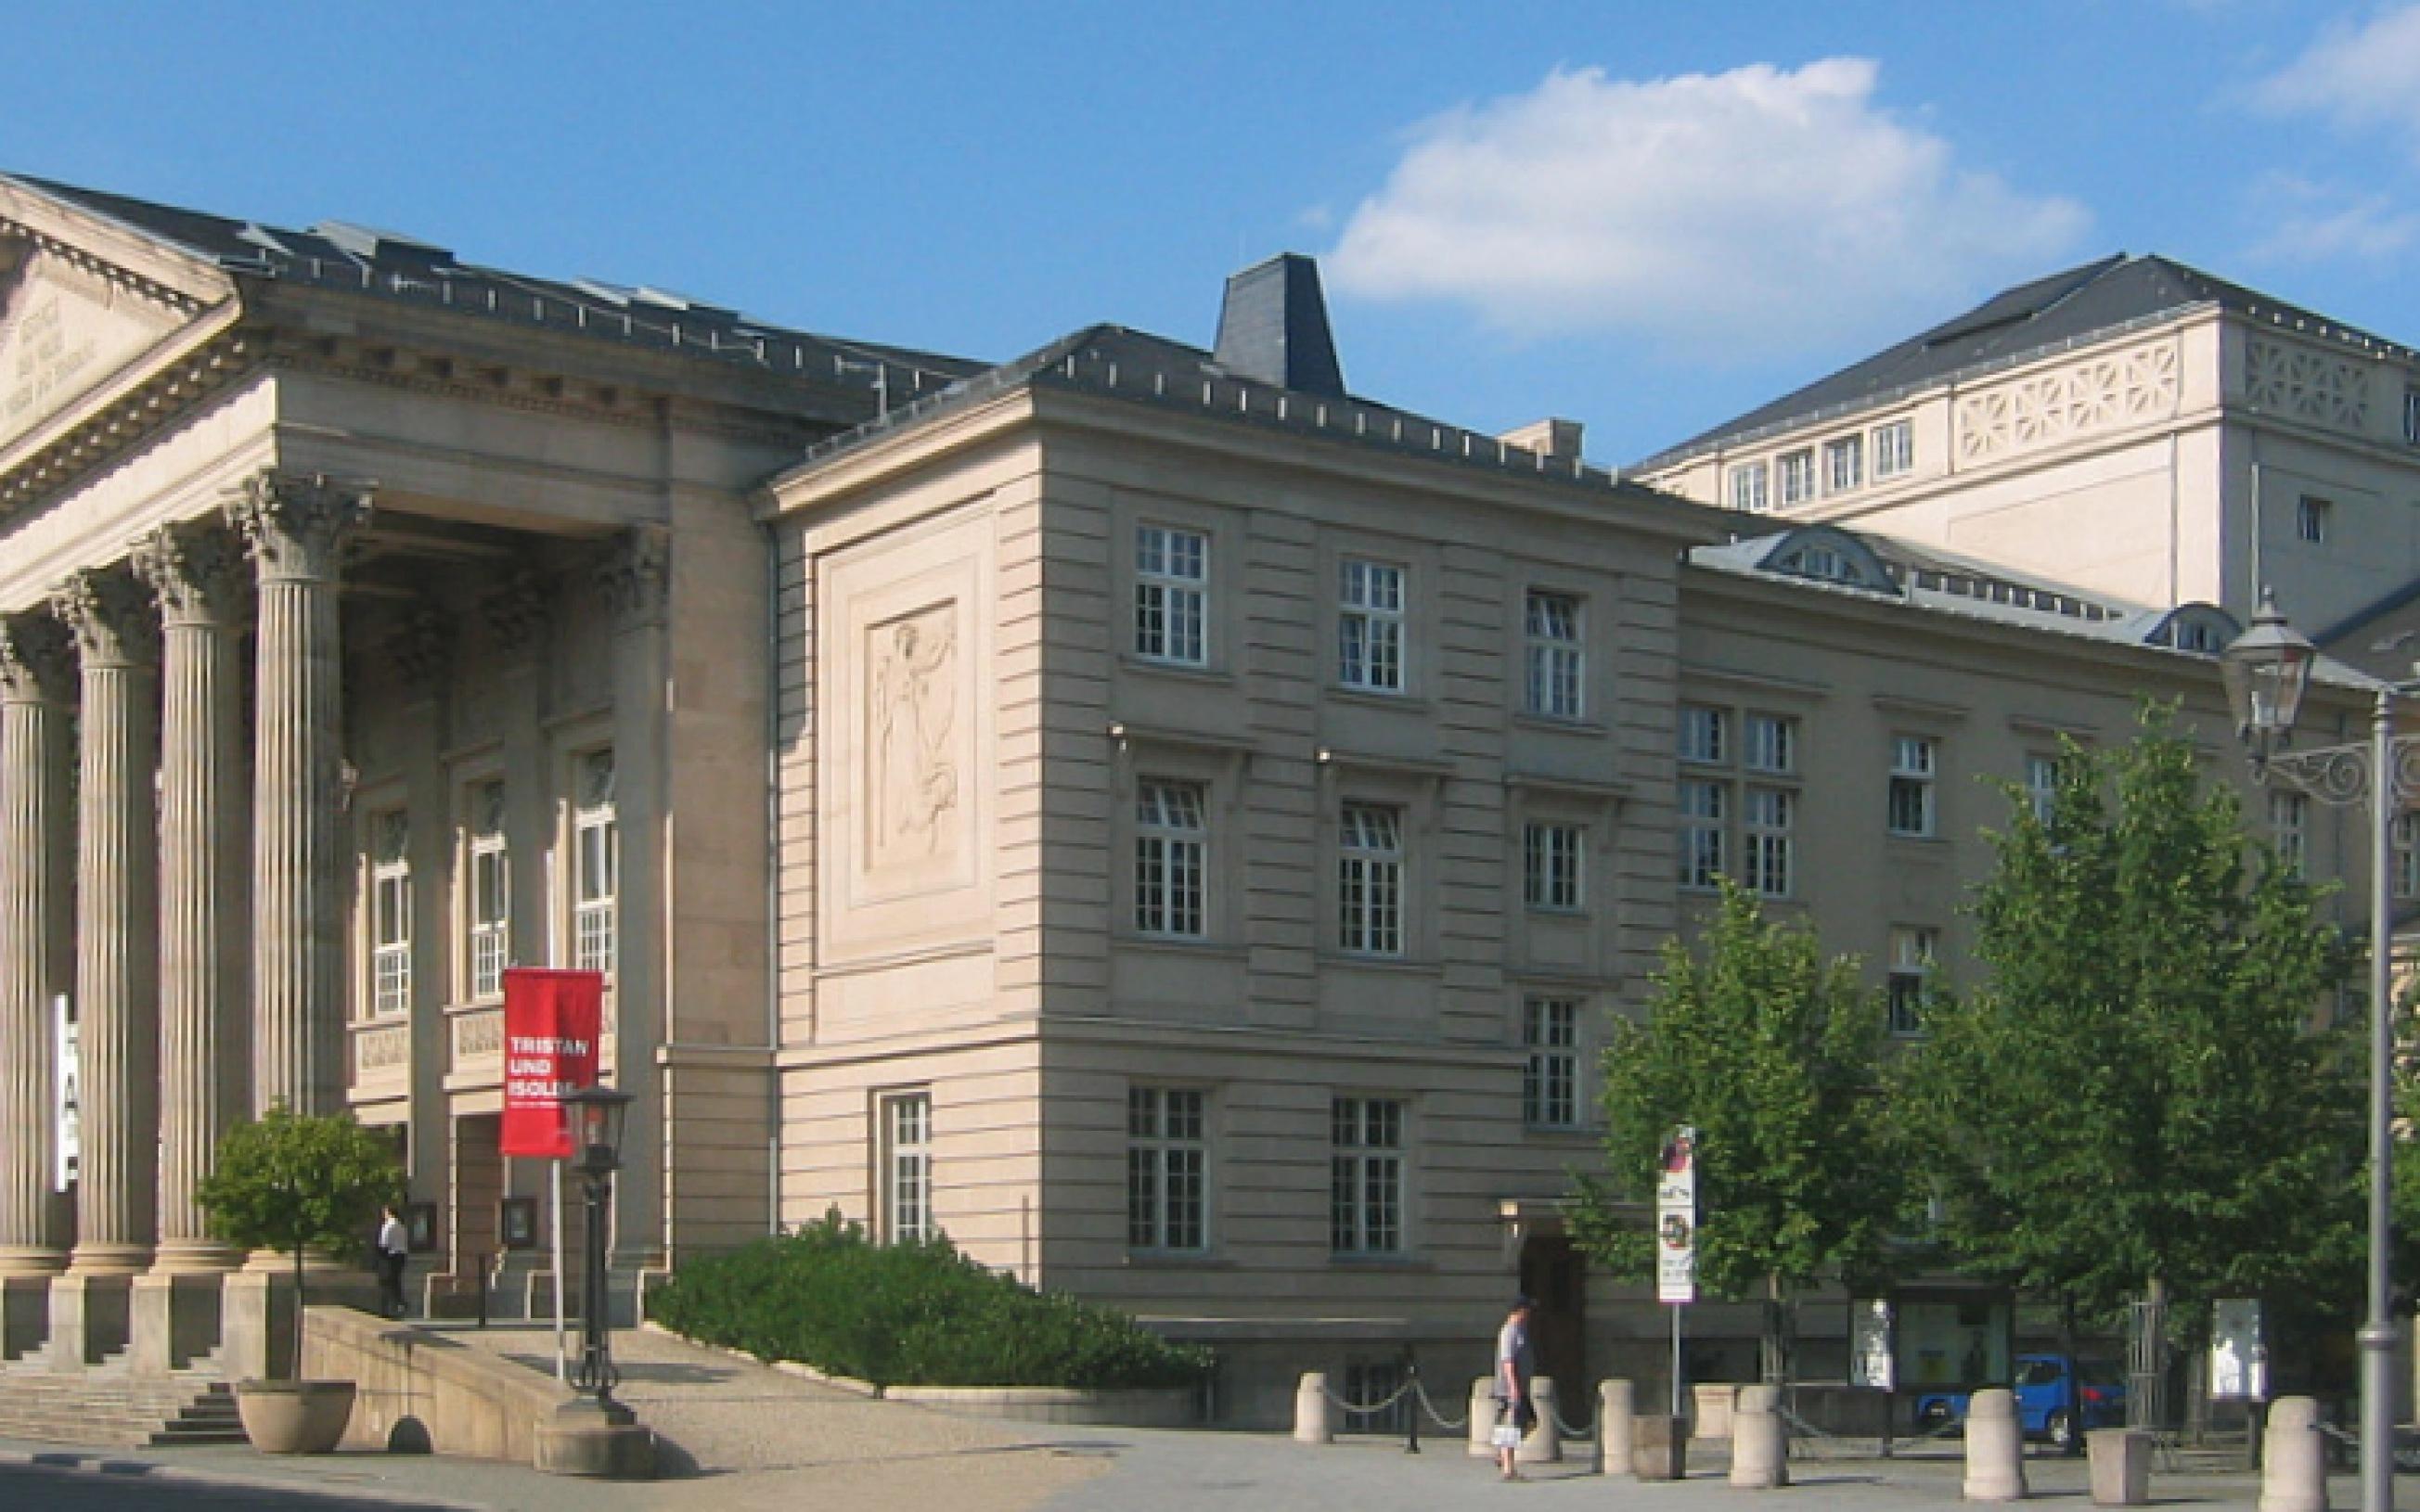 Meiningen Staatstheater, Germany